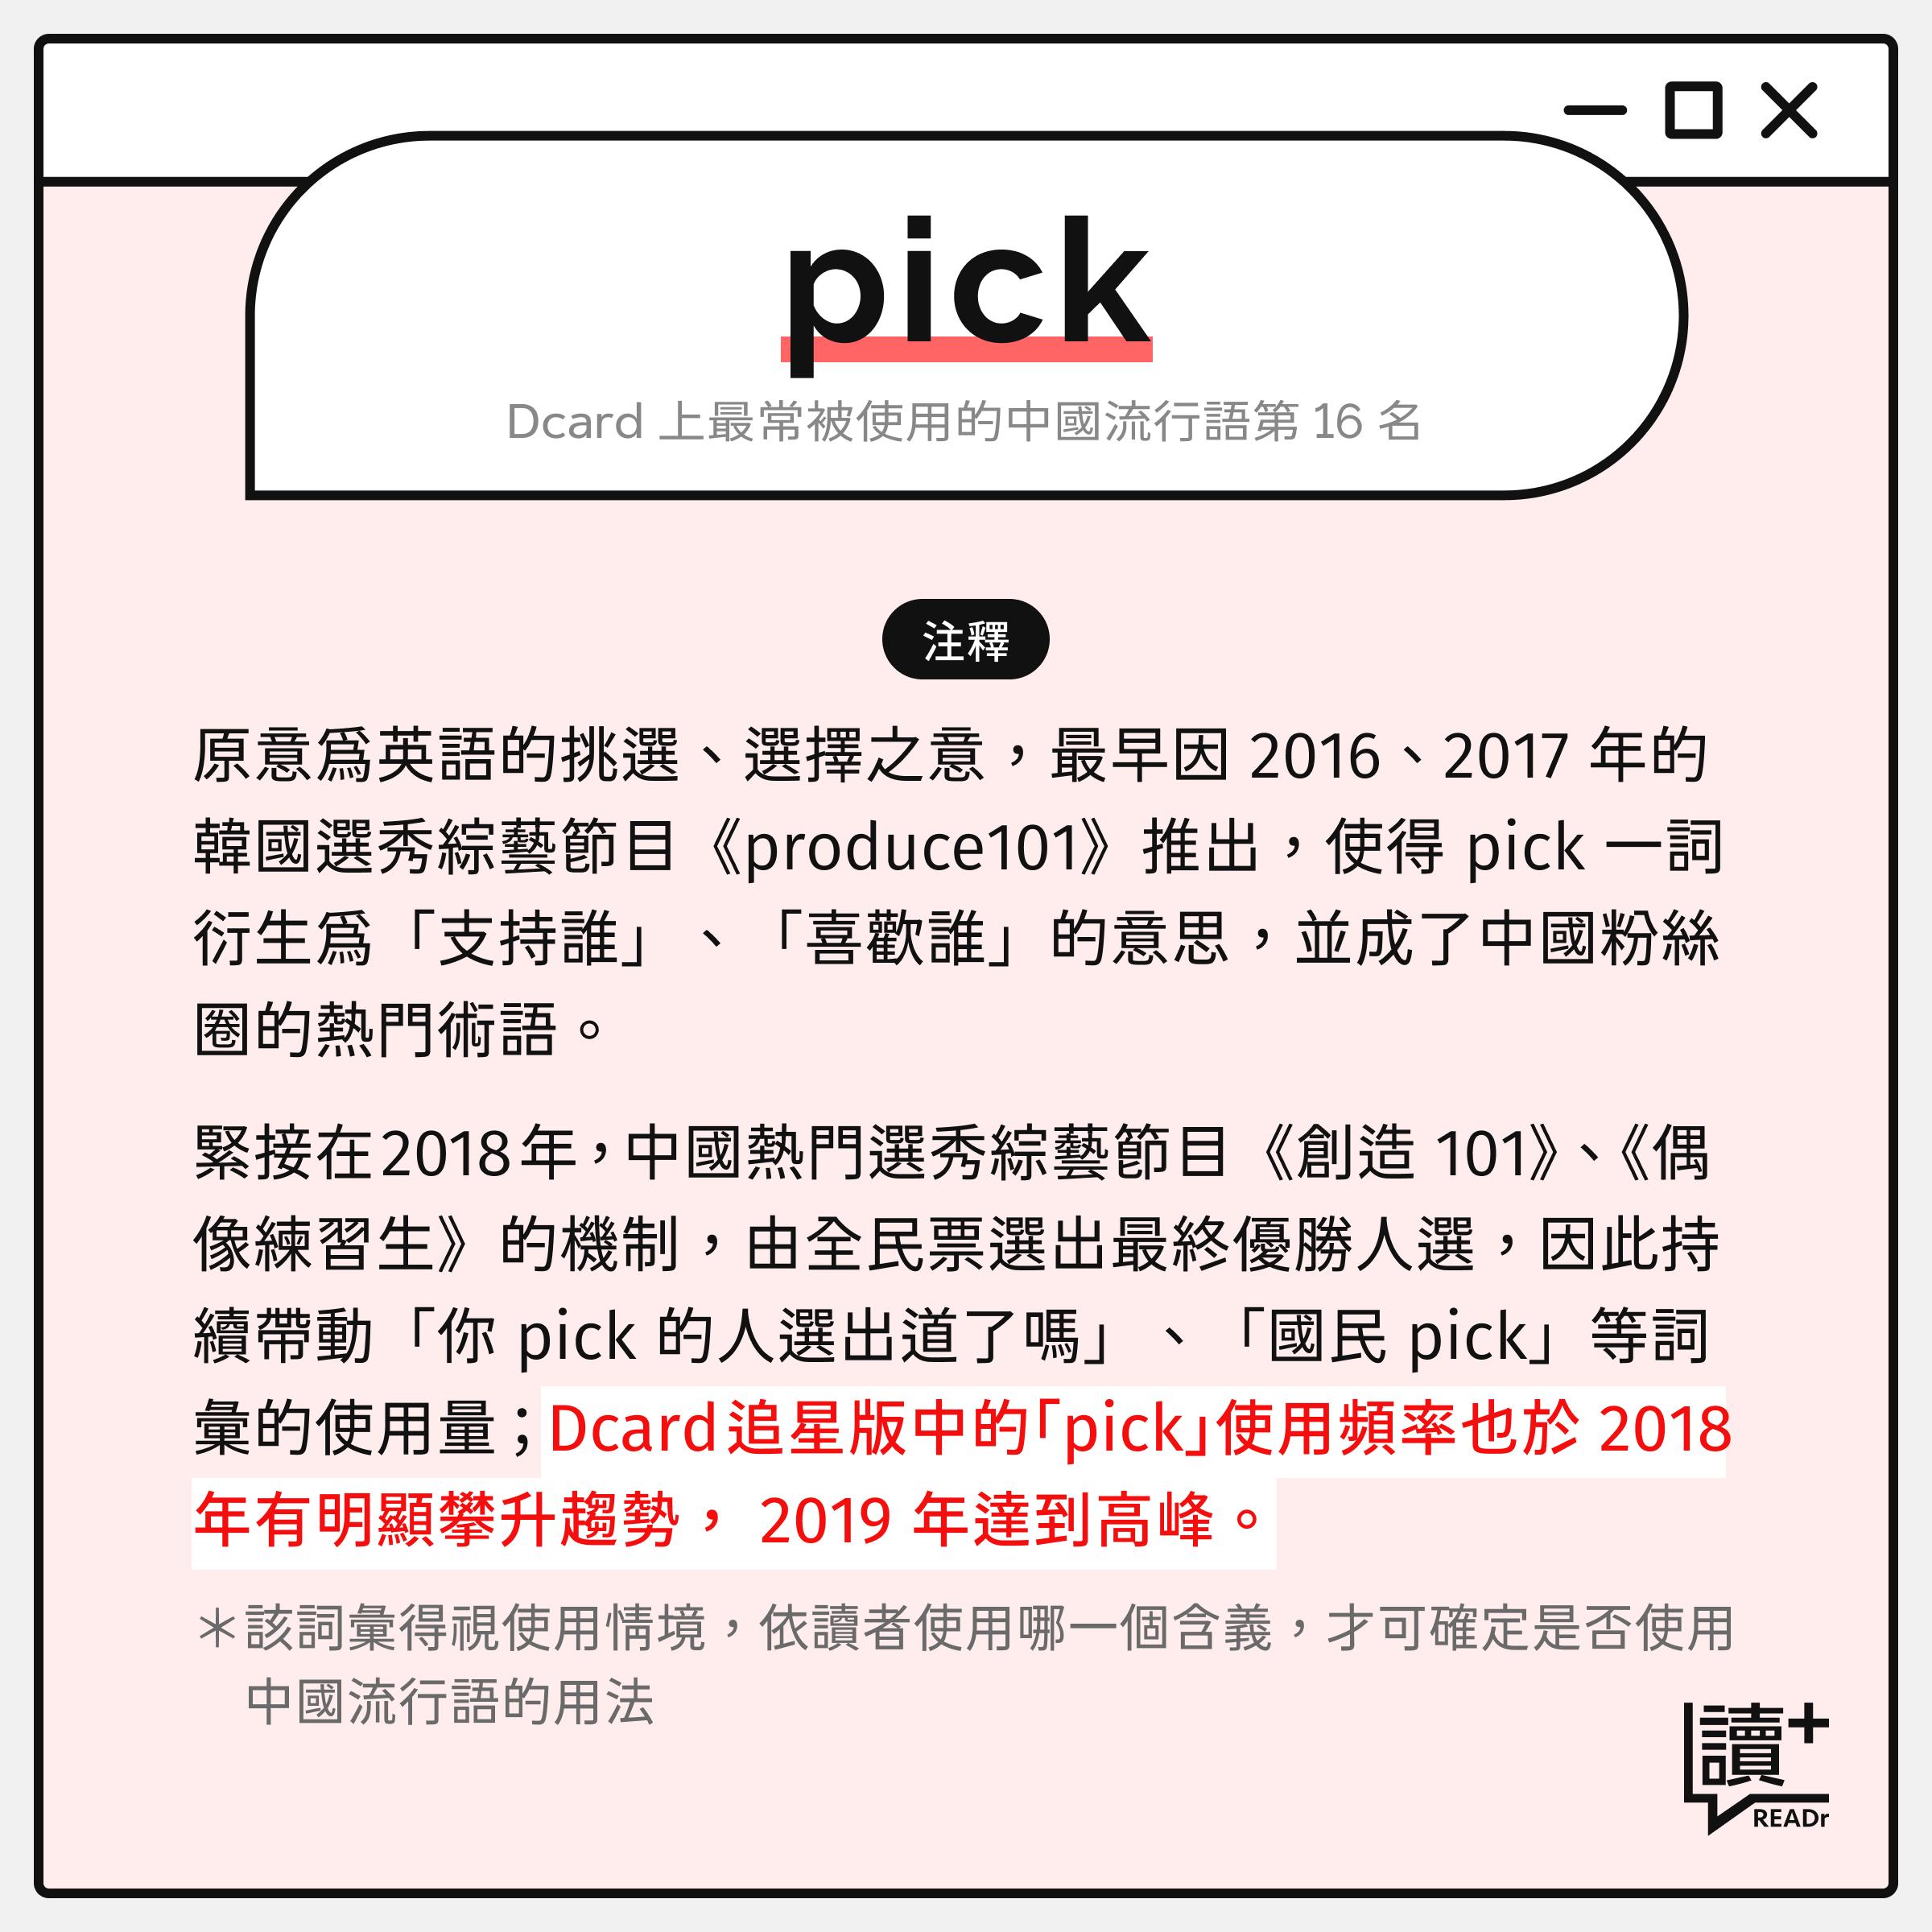 中國流行語詞彙:Pick